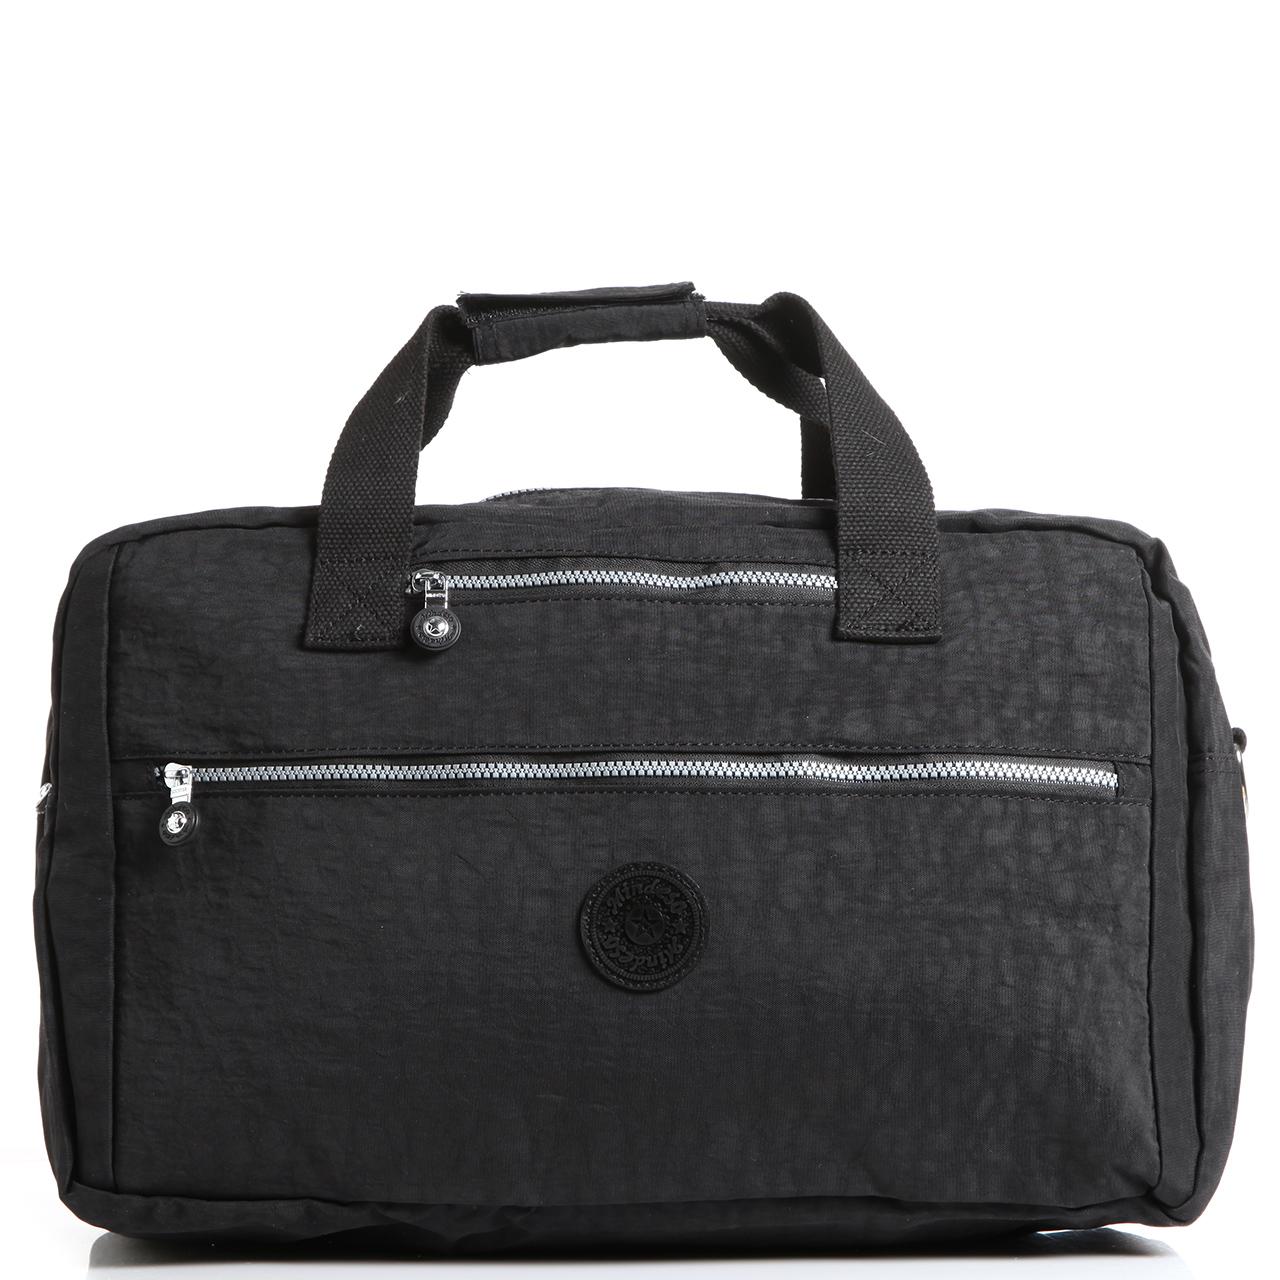 37f09f3cdd75 Дорожные сумки купить в интернет-магазине Домани (Domani)